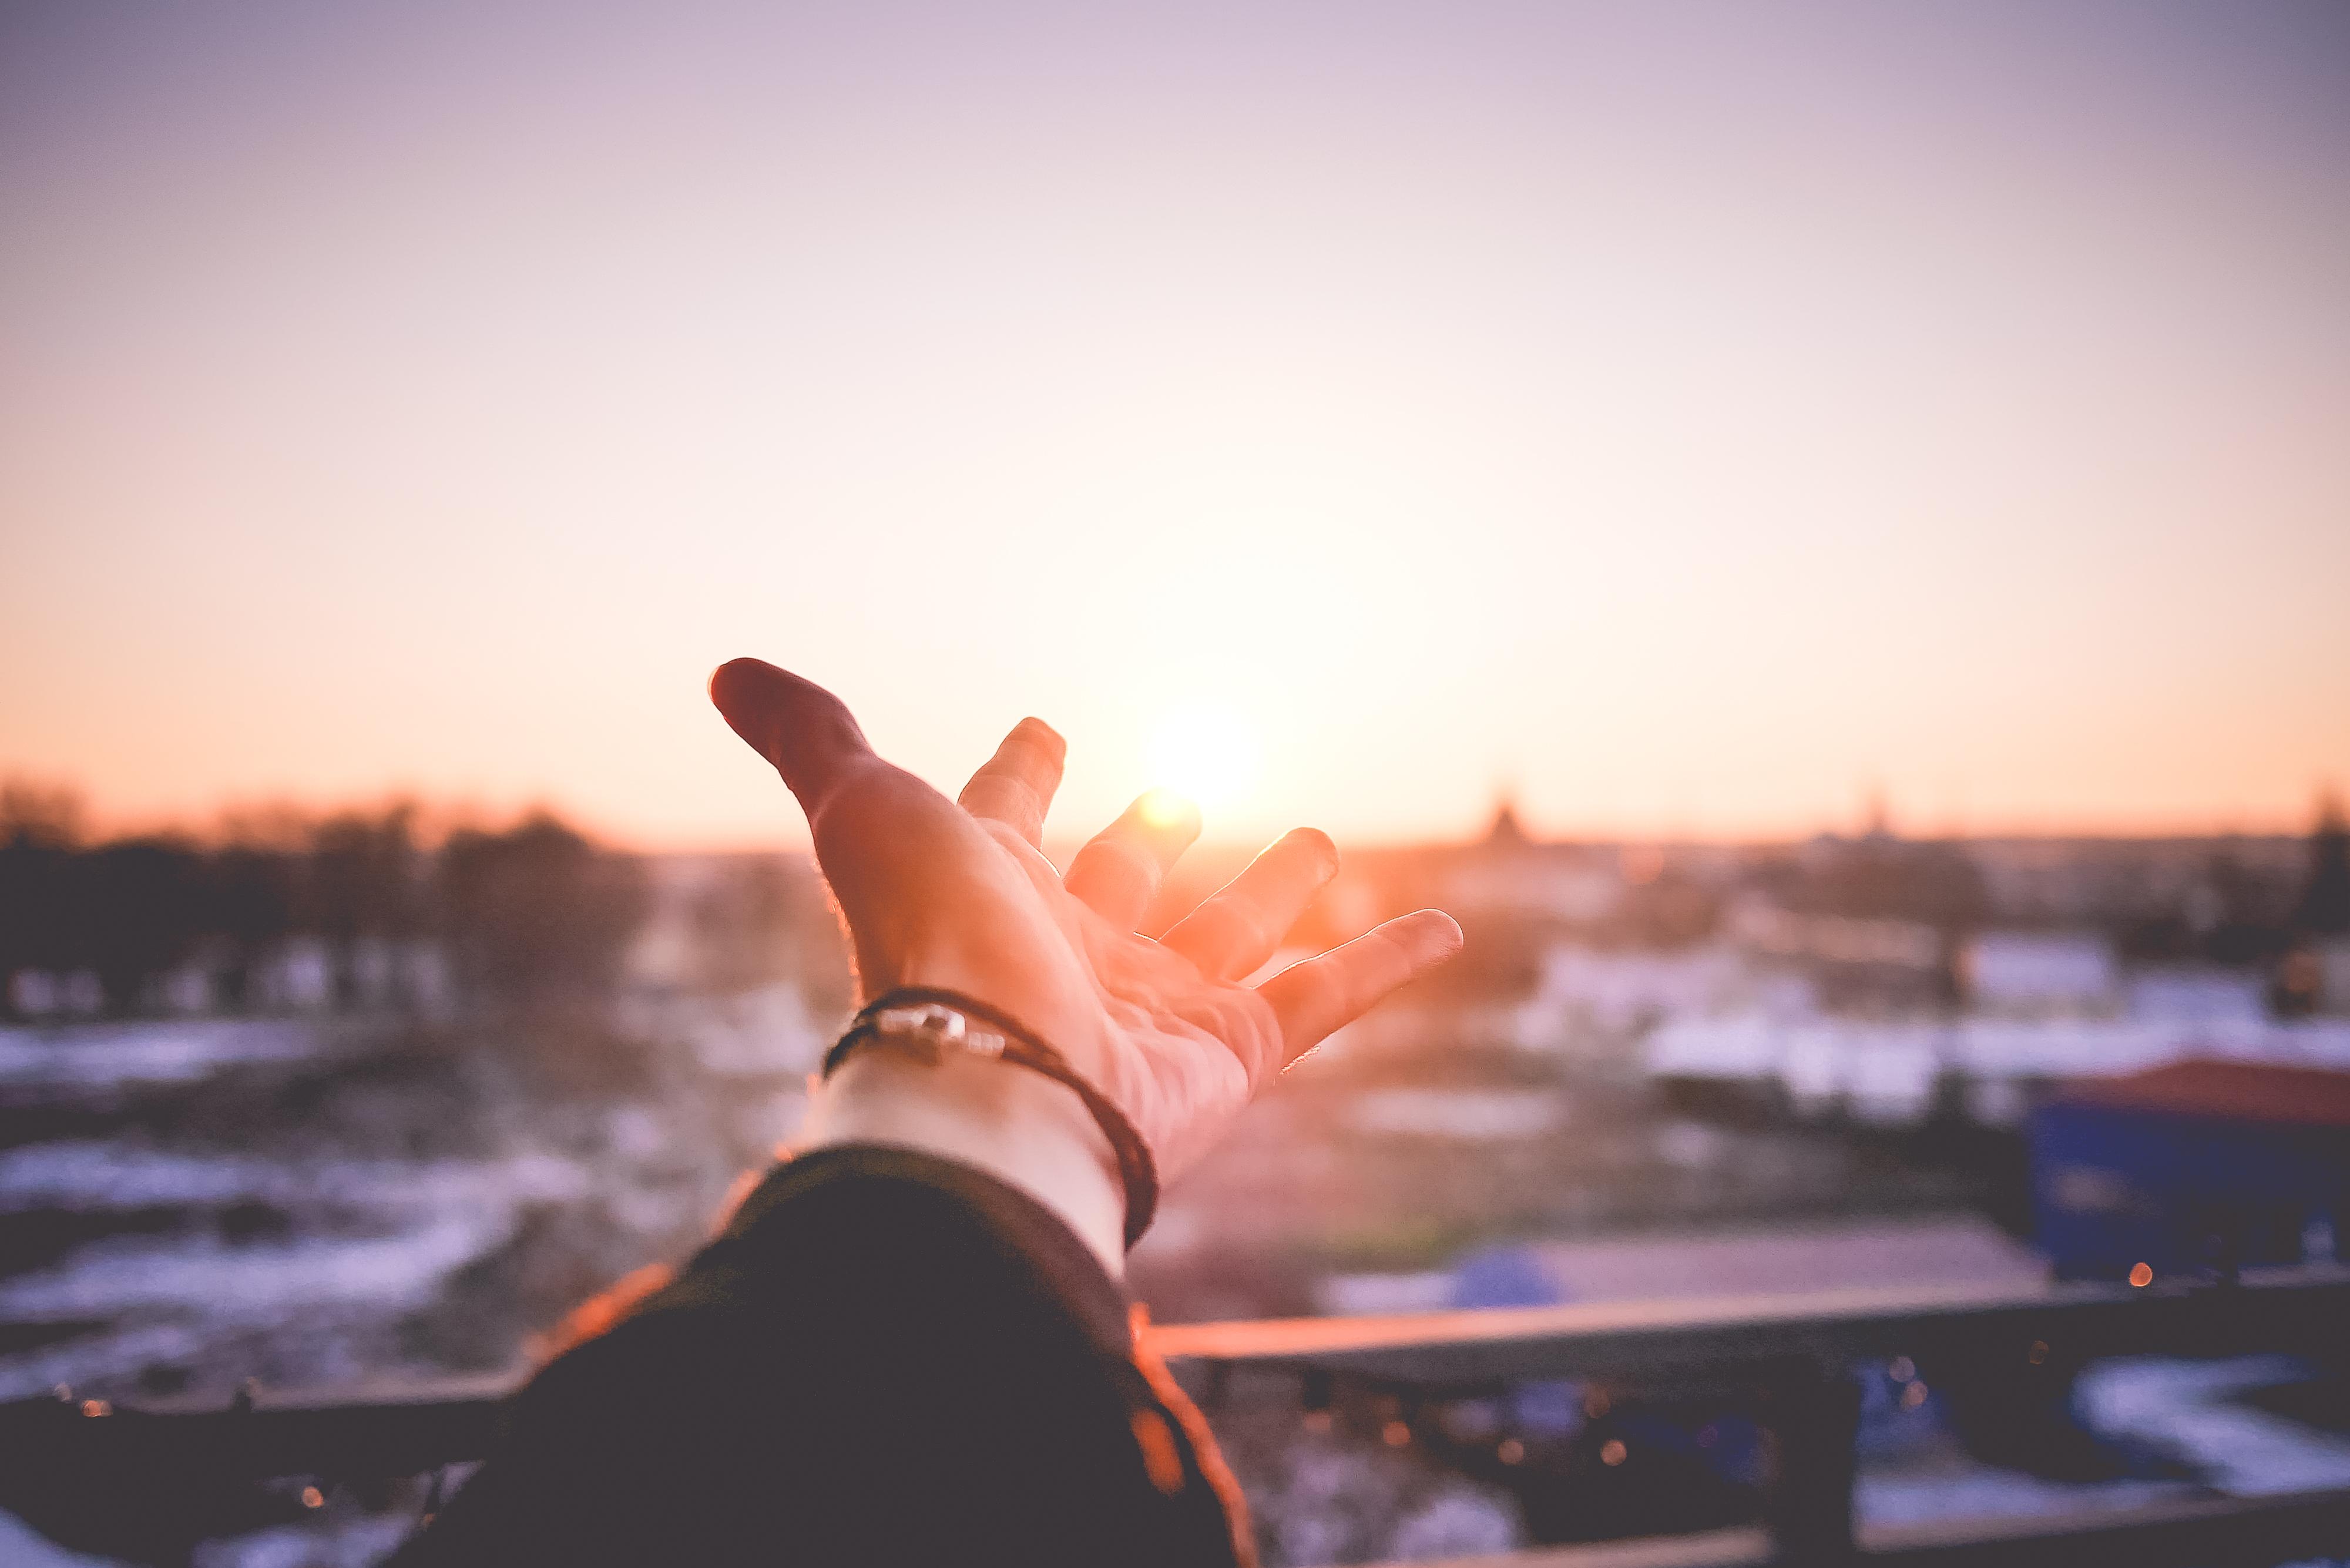 nadzieja - 17 minut - krótka historia o sile pozytywnego myślenia